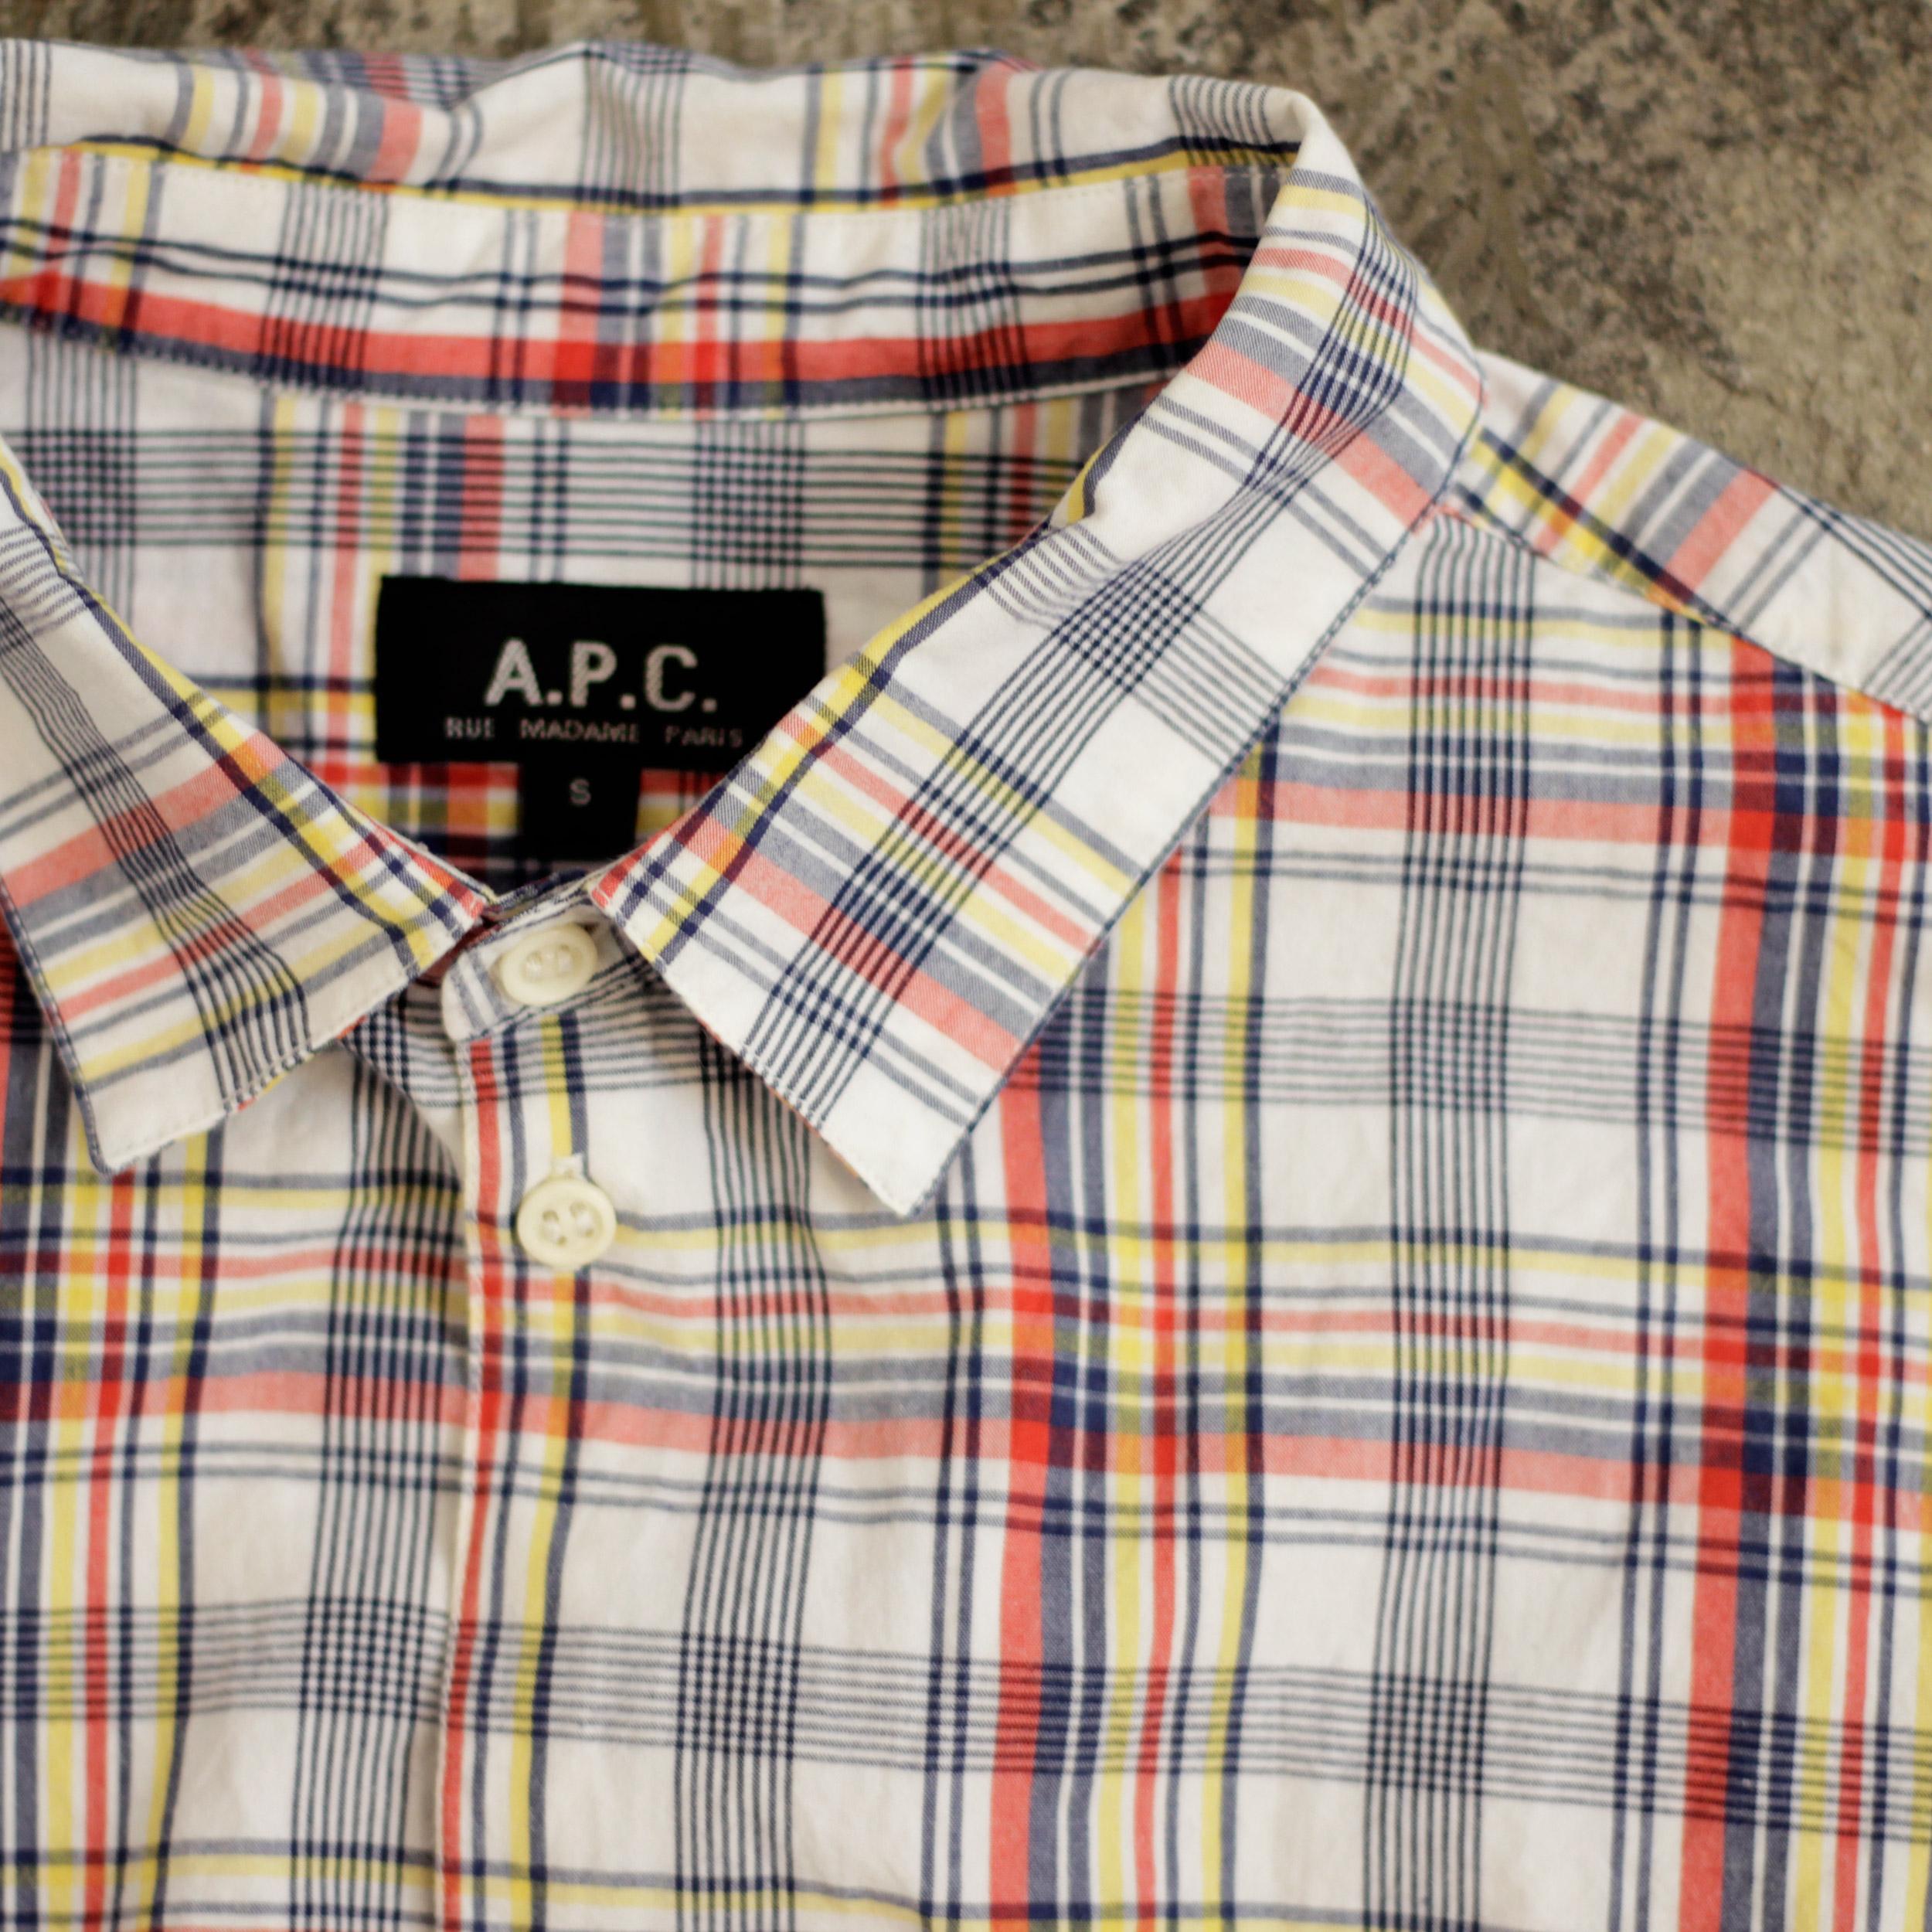 A.P.C. Madras Check Shirts